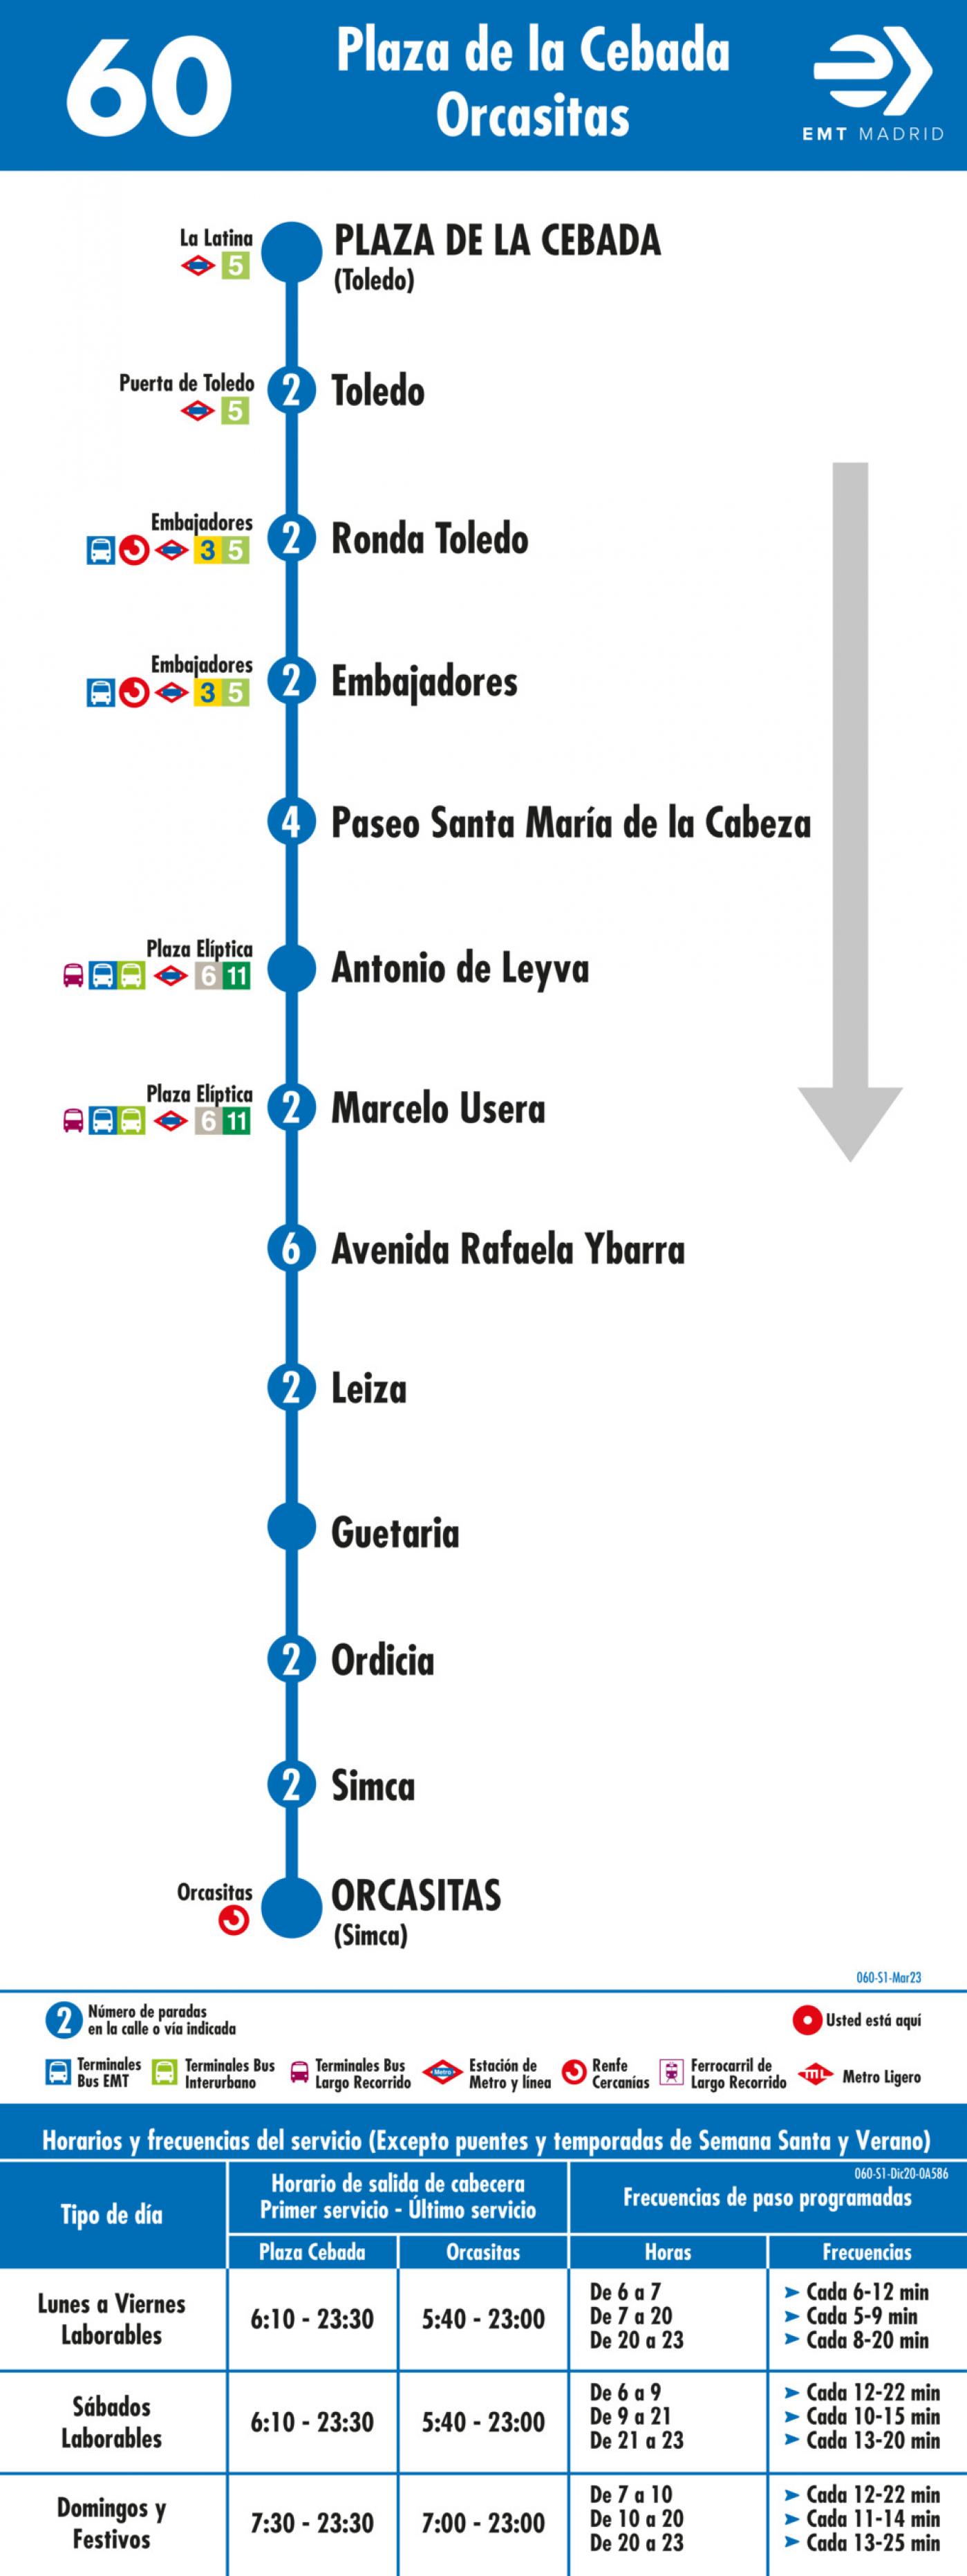 Tabla de horarios y frecuencias de paso en sentido ida Línea 60: Plaza de la Cebada - Orcasitas